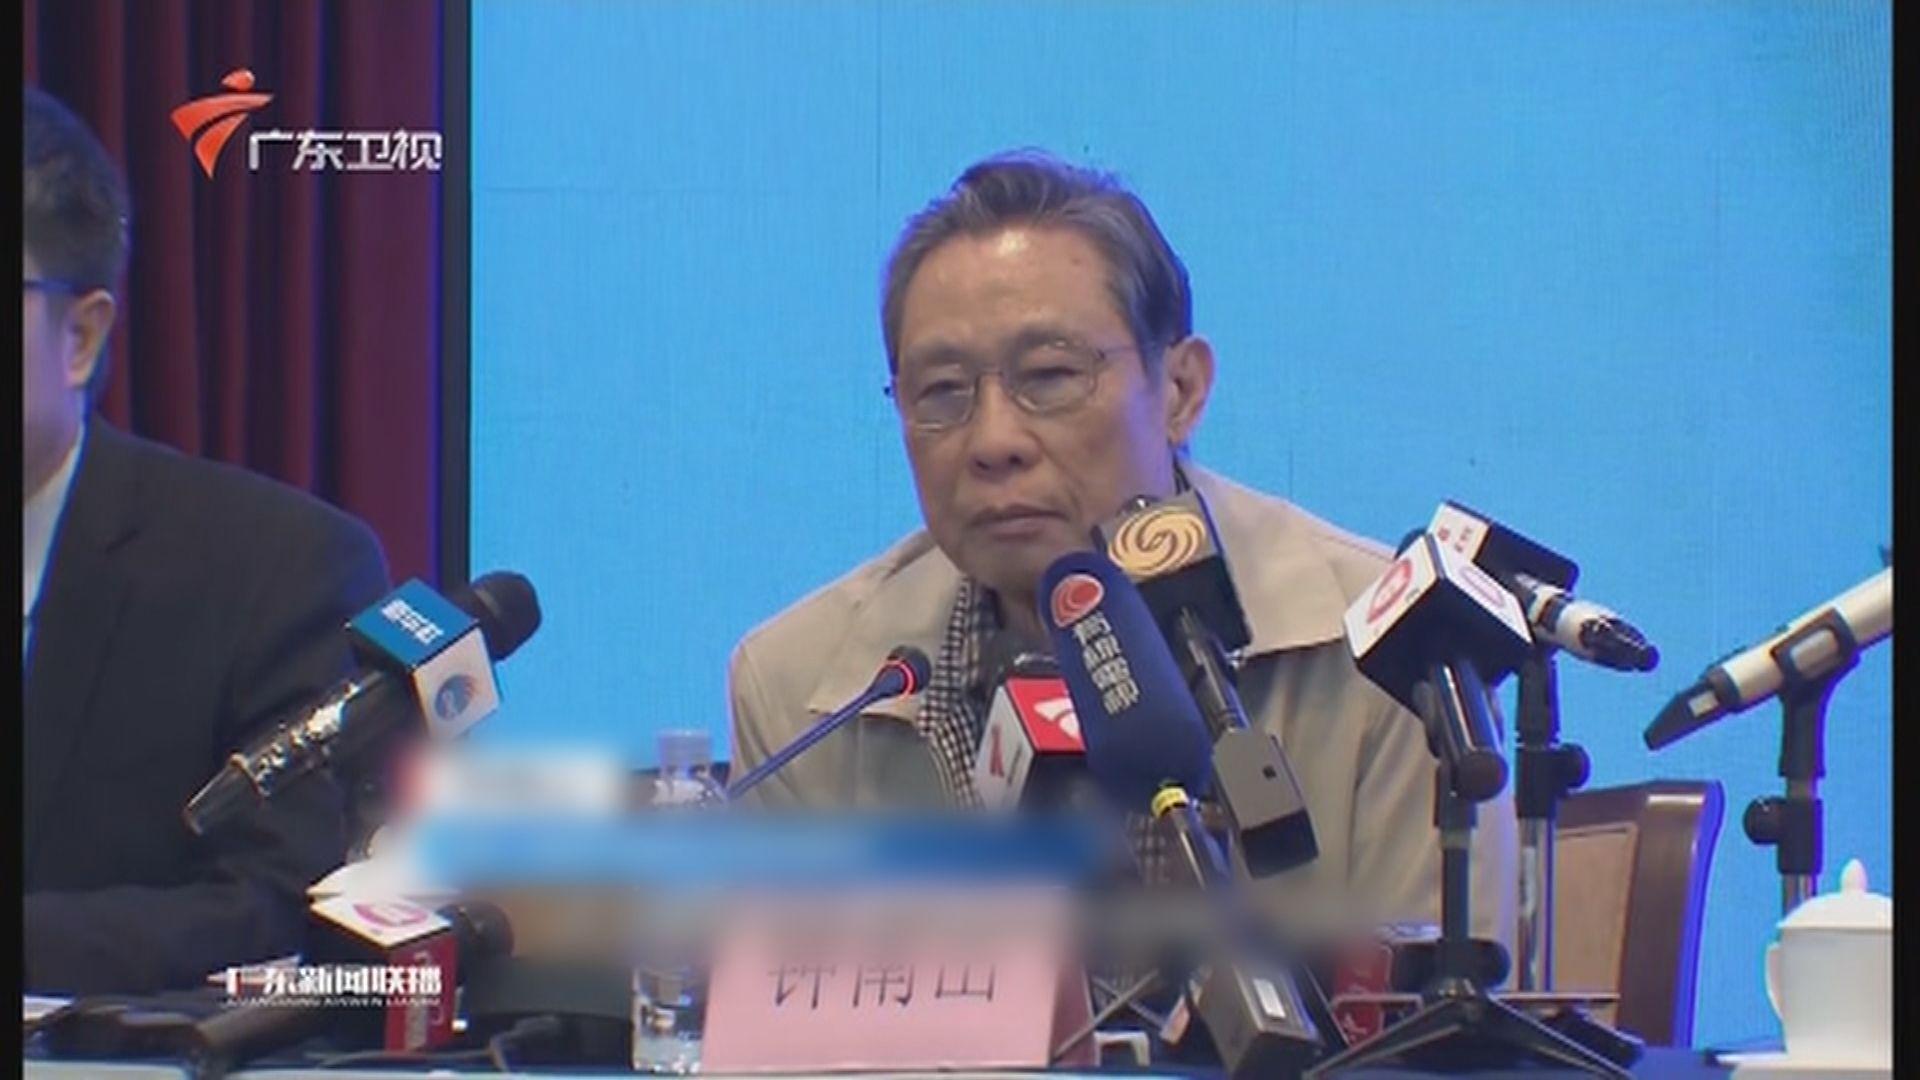 鍾南山:武漢新型肺炎暫無藥可治 擔心出現超級傳播者